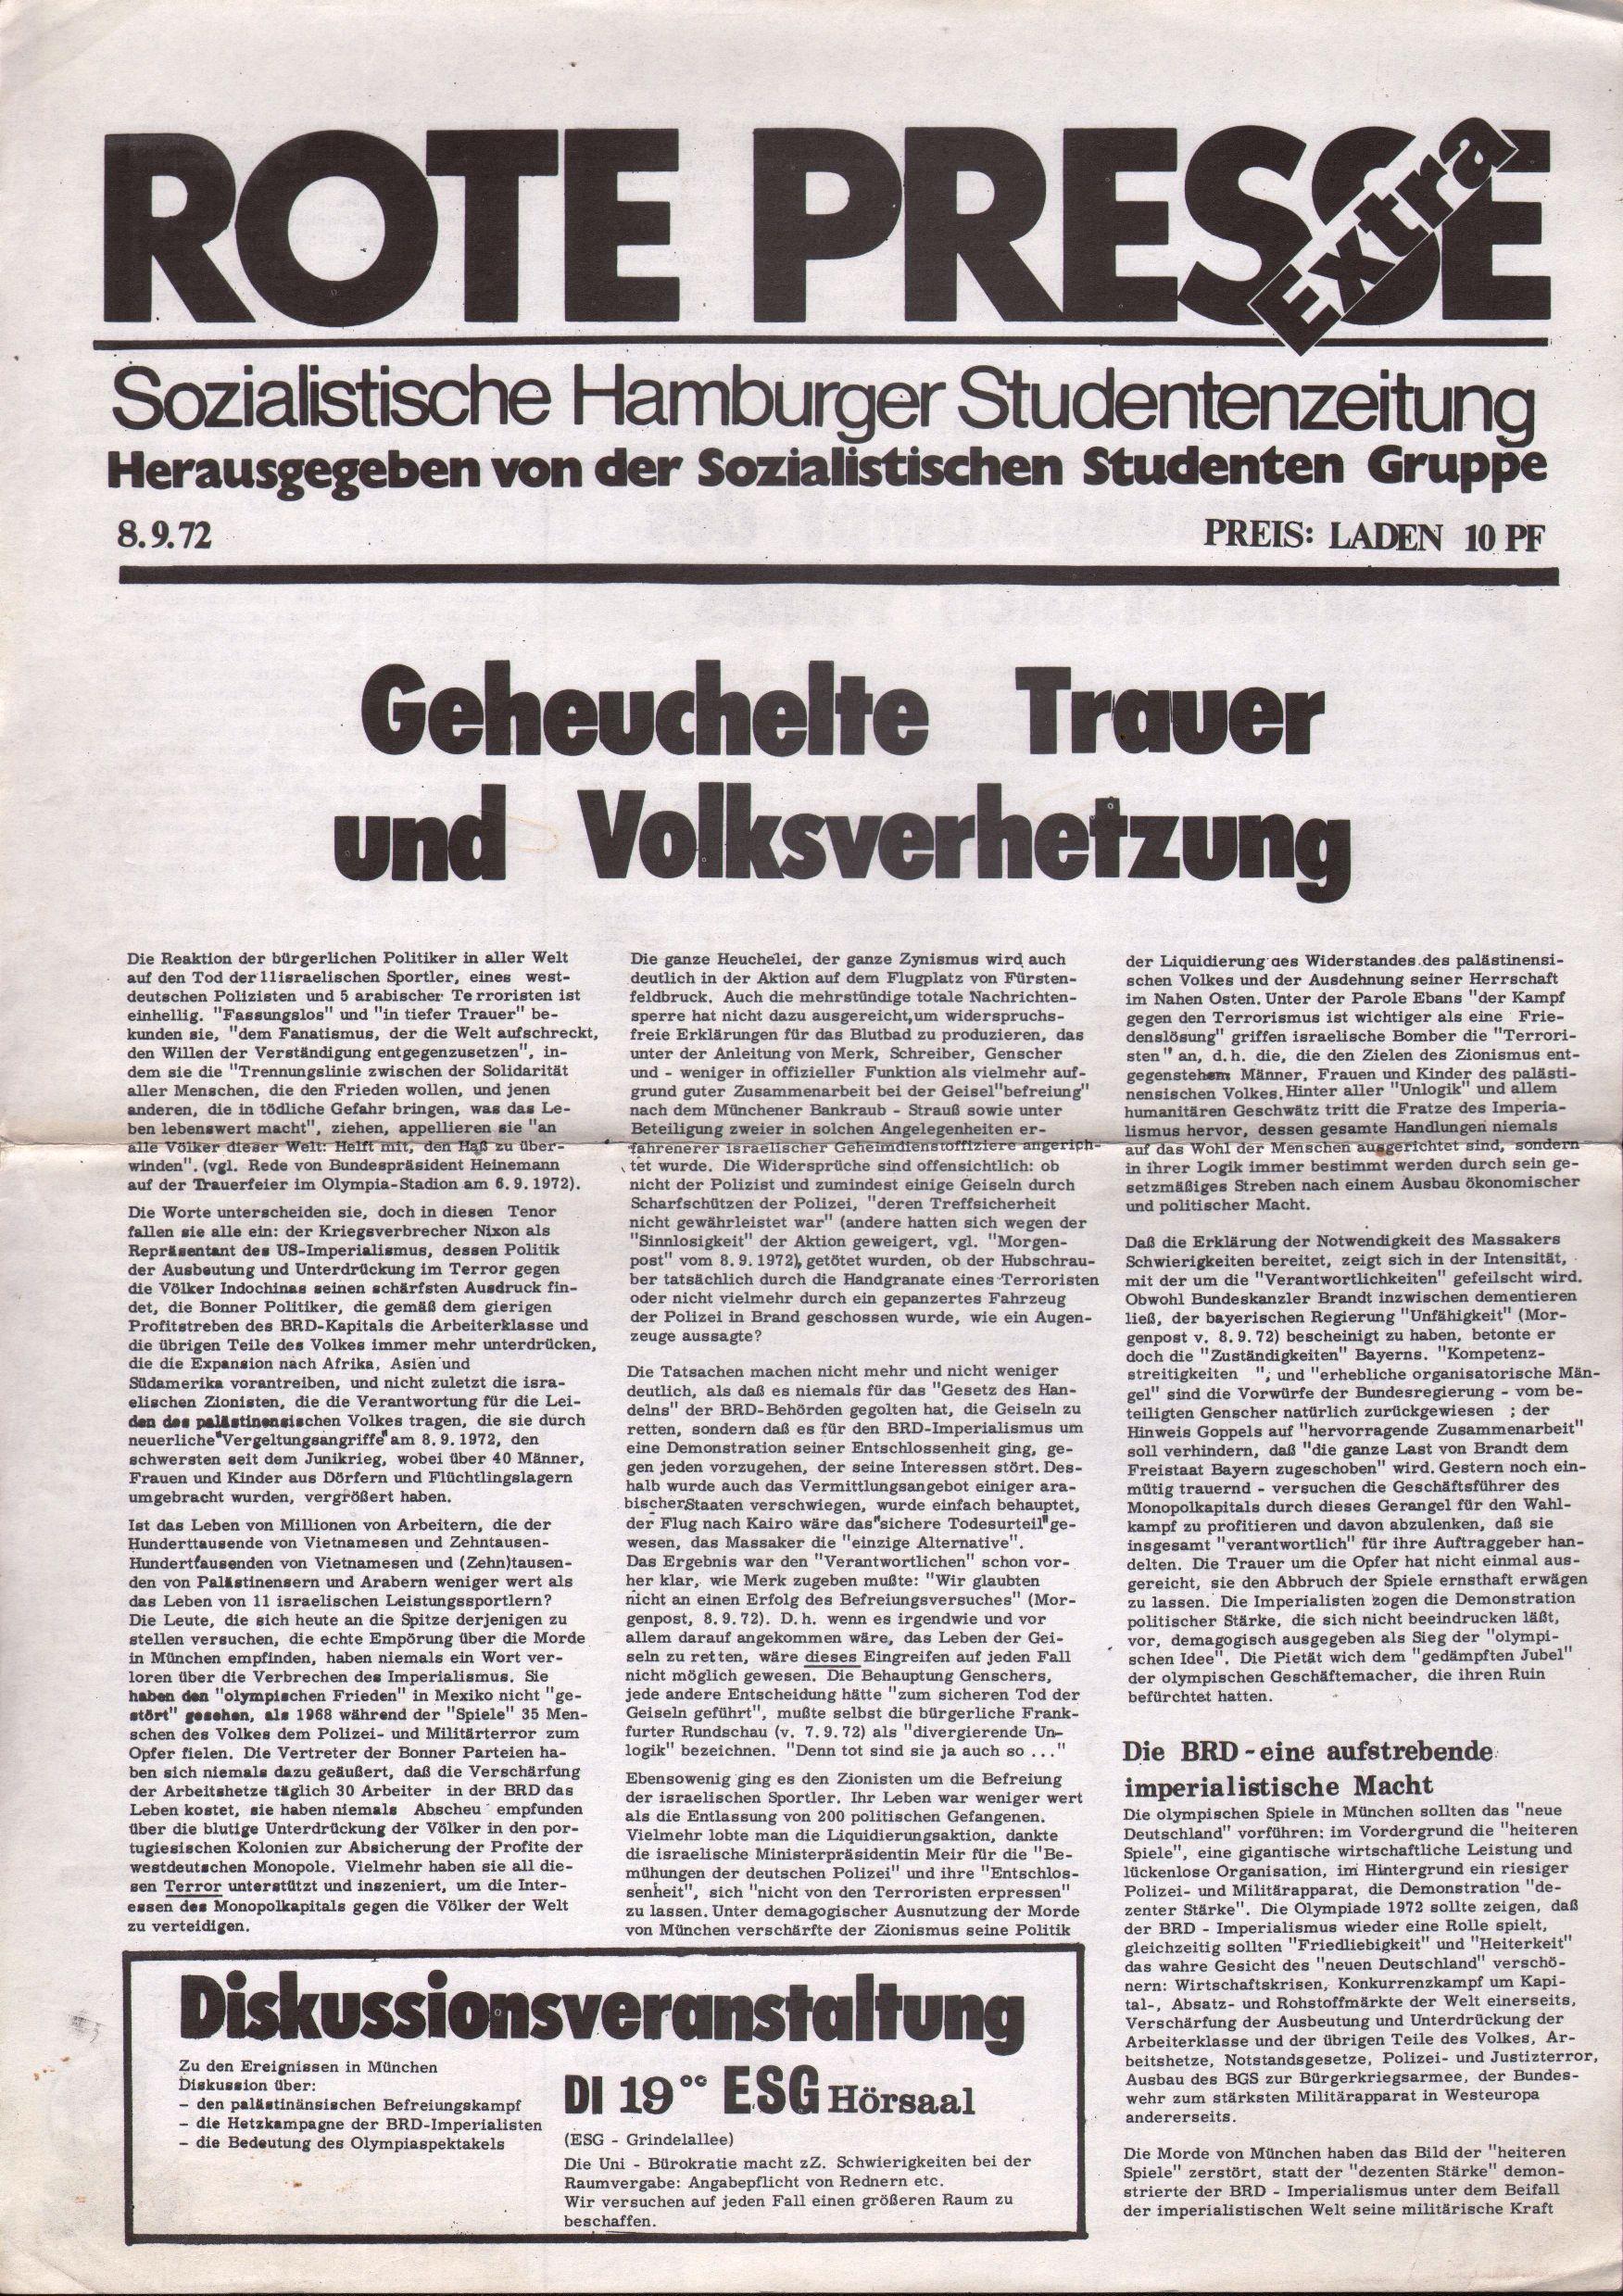 Hamburg_Rote_Presse345